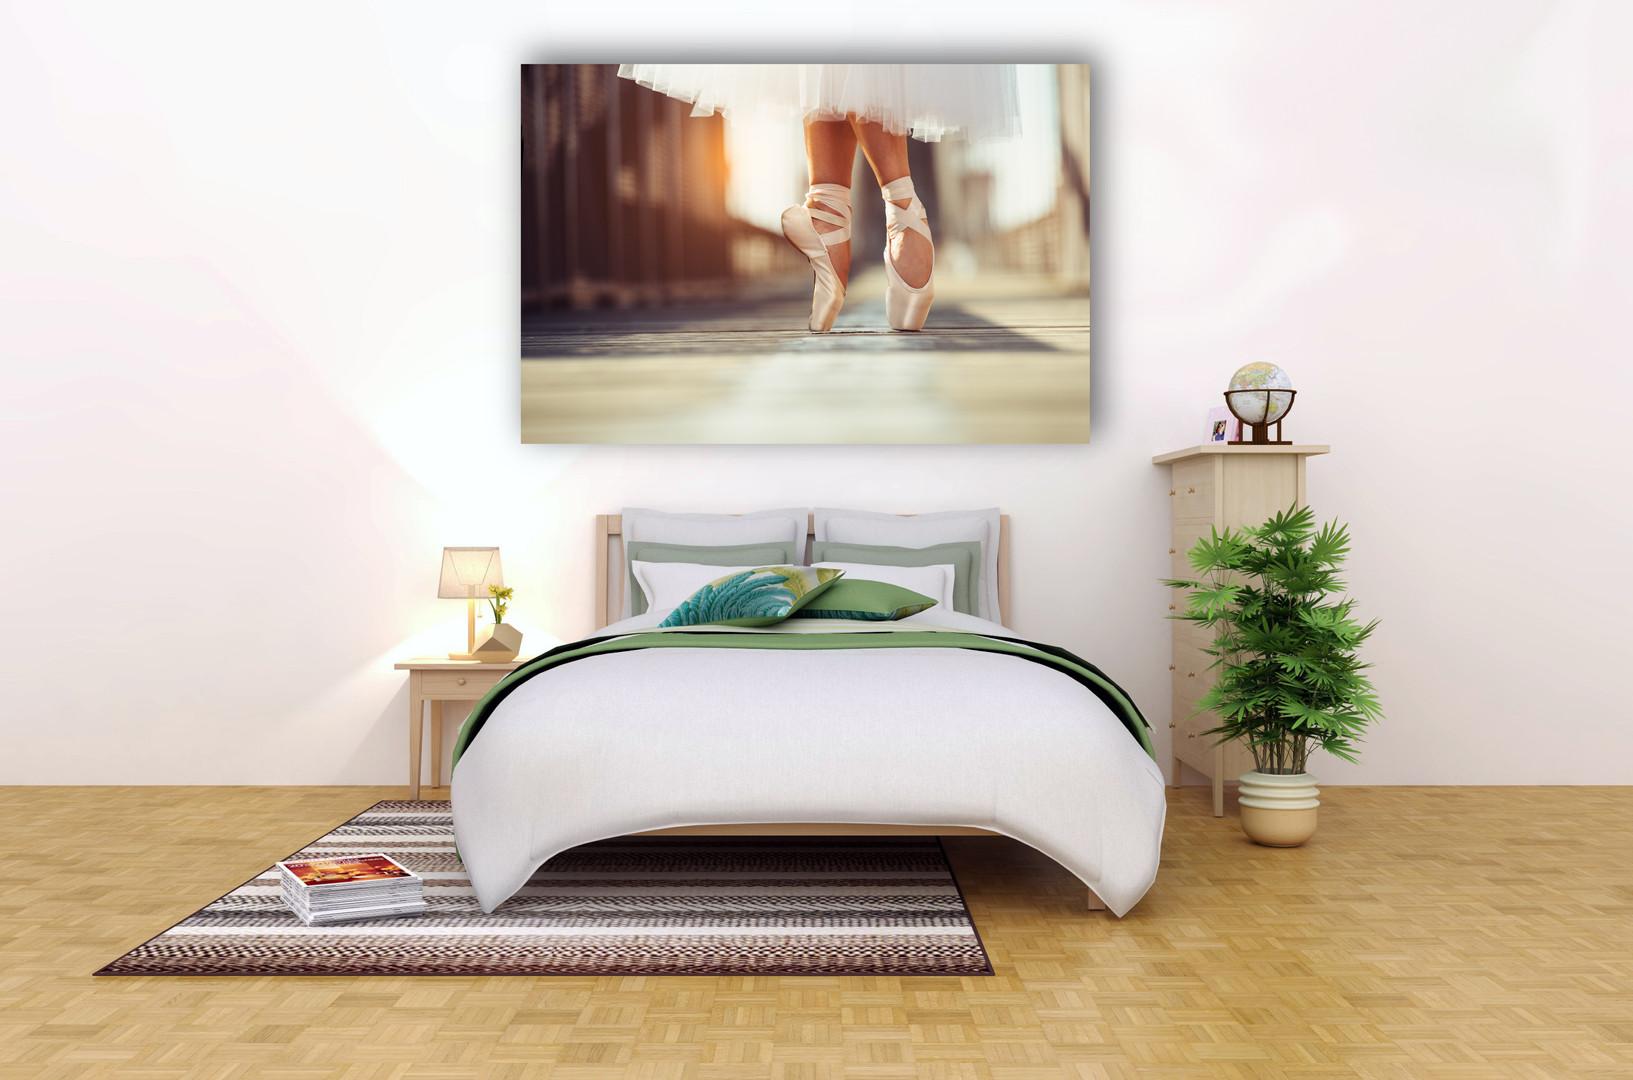 Bedroom balarina.jpg